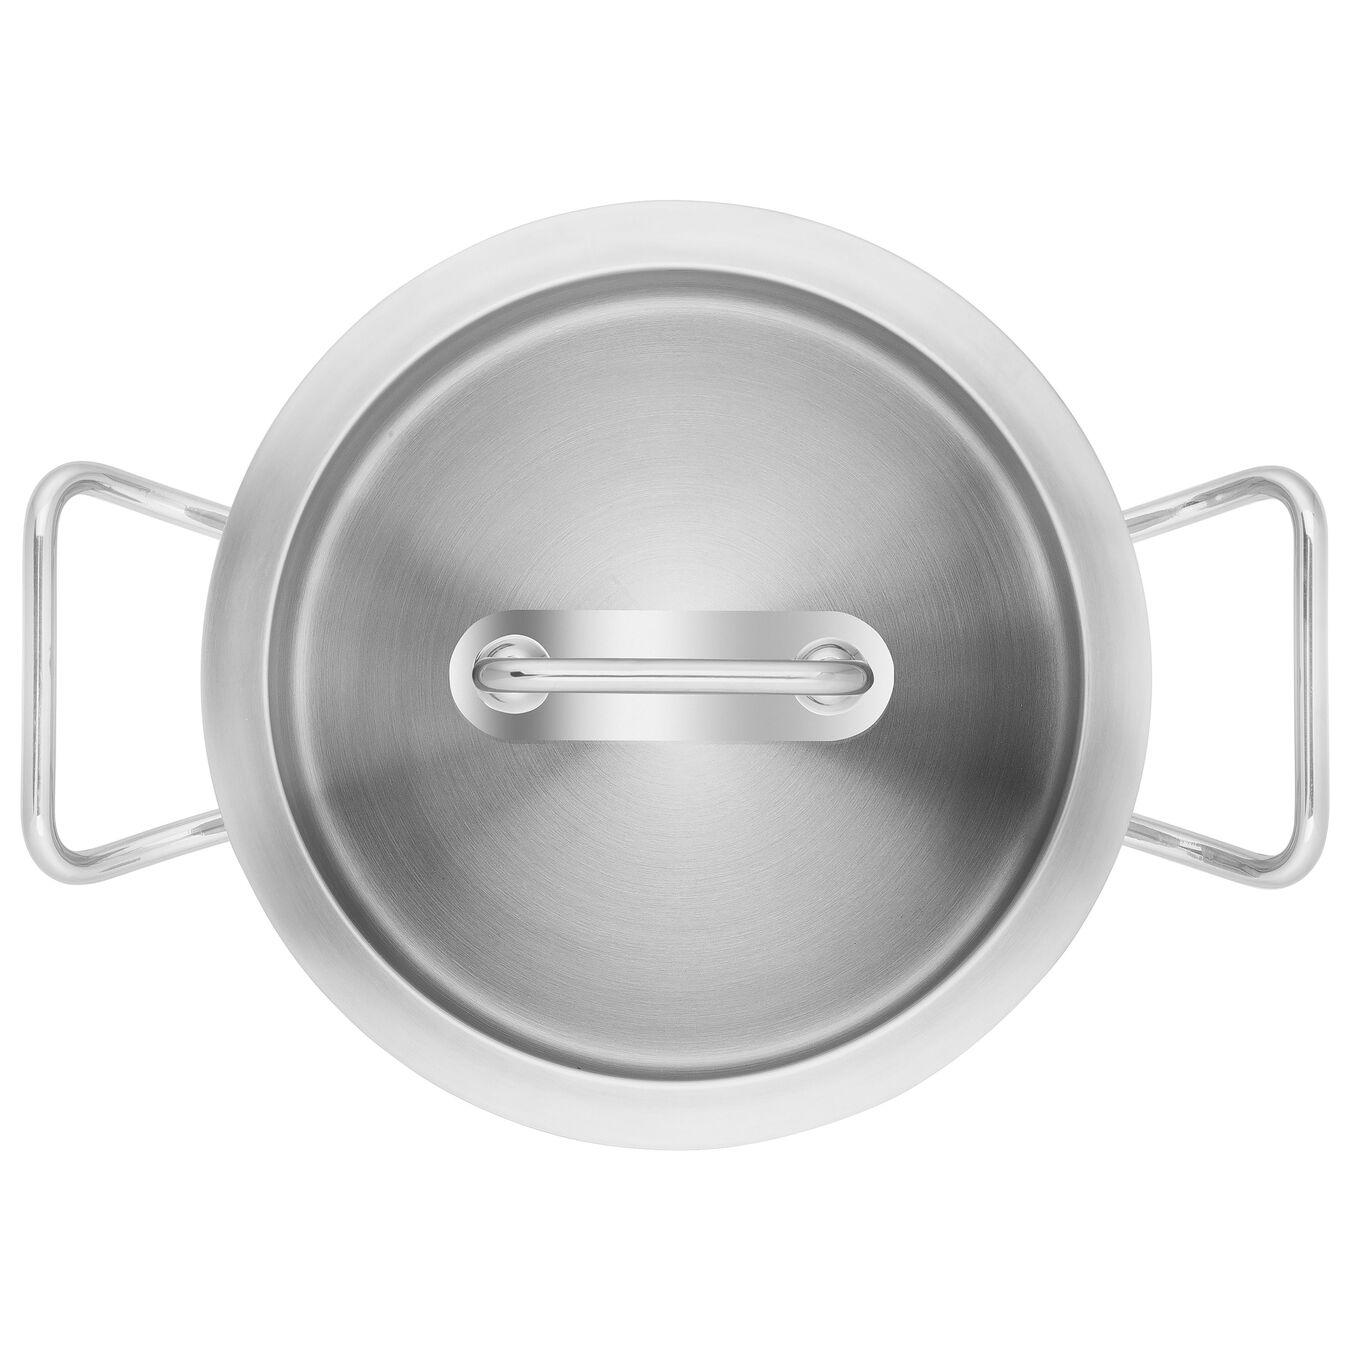 Sığ Tencere | 18/10 Paslanmaz Çelik | 20 cm | Metalik Gri,,large 5